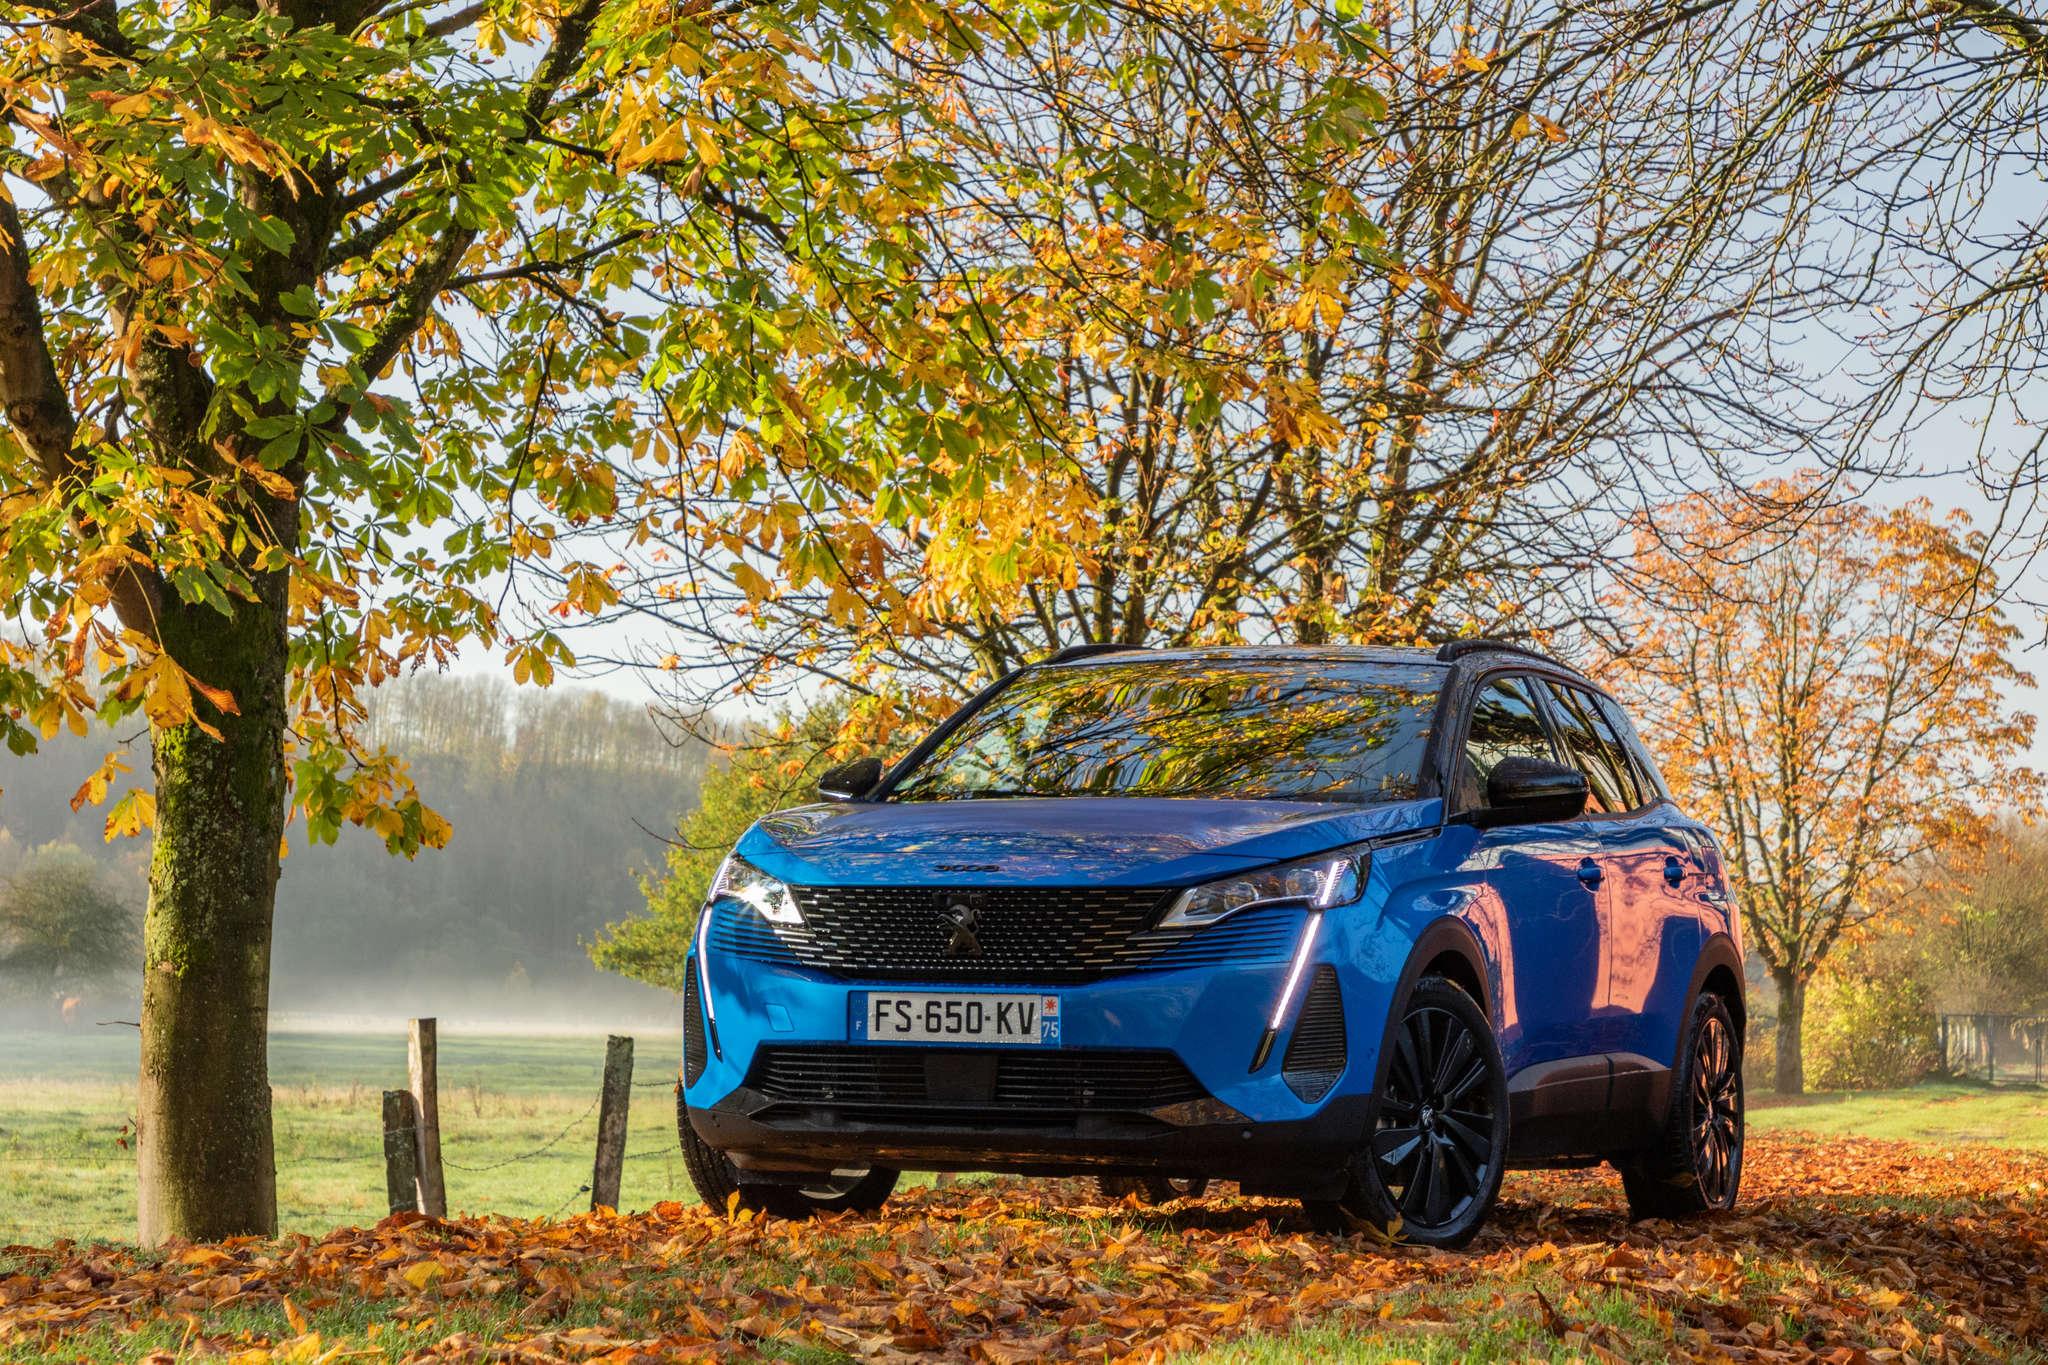 Peugeot connaît une hausse de ses ventes en décembre, contrairement aux autres marques du groupe PSA (ici une Peugeot 3008).